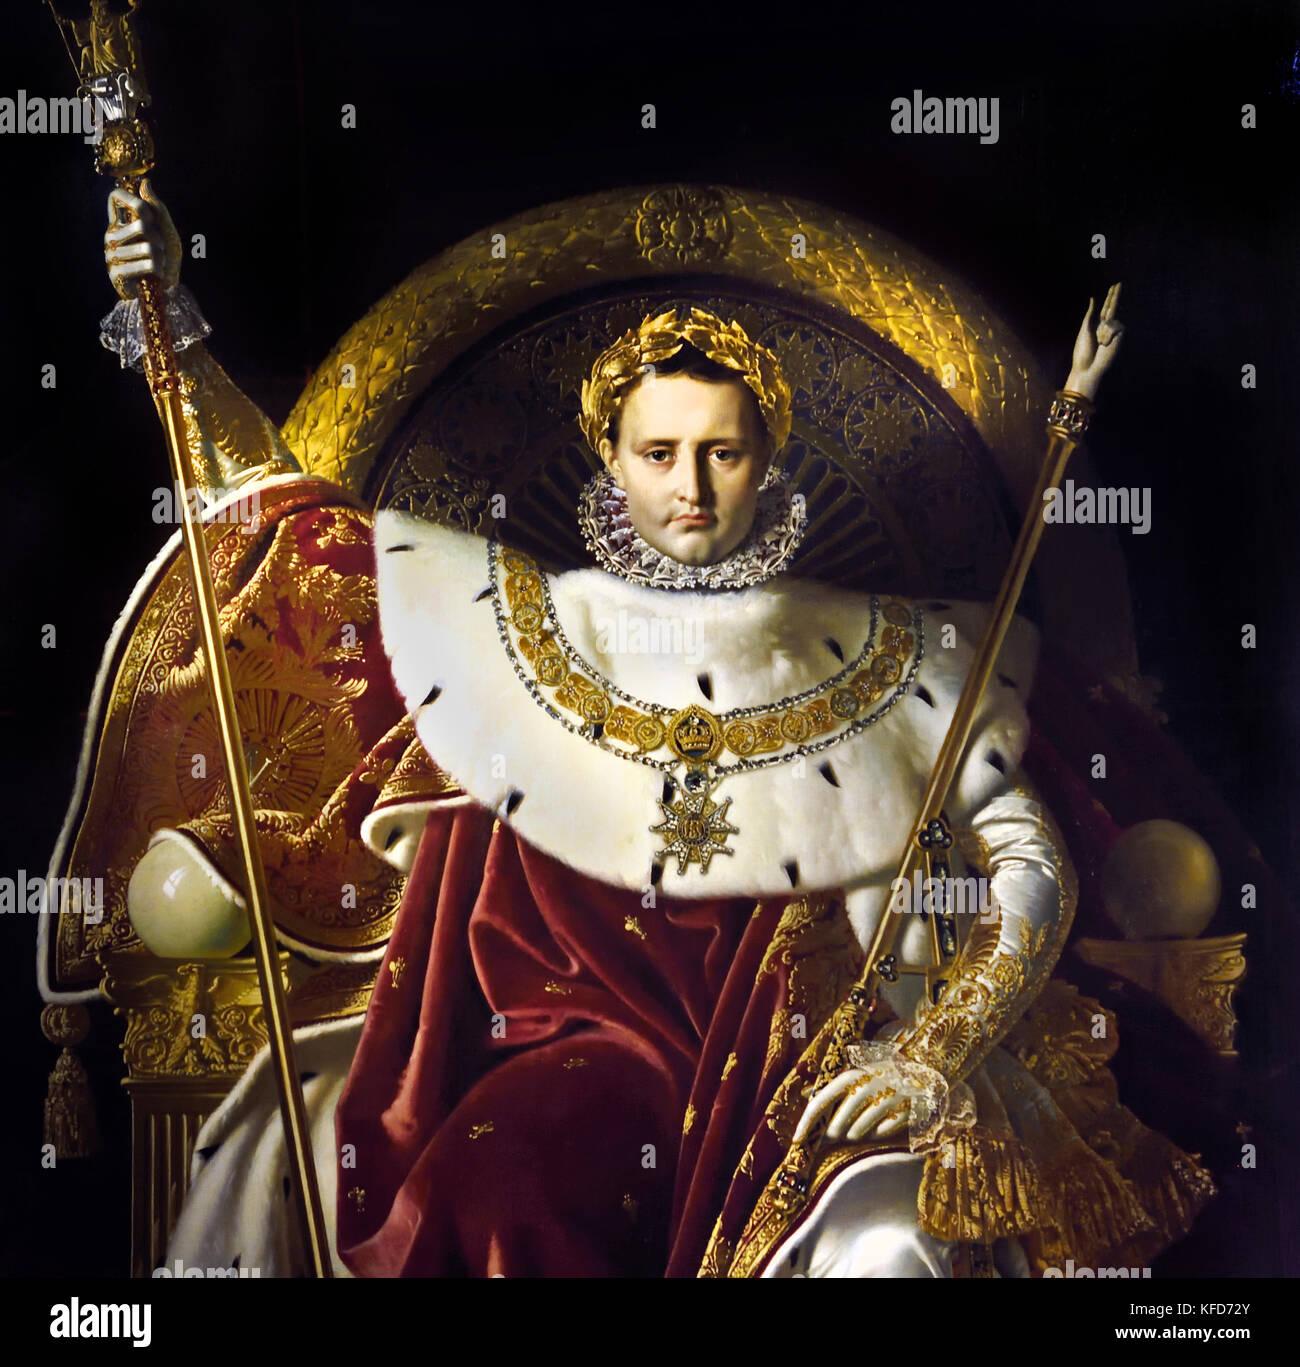 Napoleon on his Imperial Throne, 1806, Jean-Auguste-Dominique Ingres 1780-1867, oil on canvas, 260 x 163 cm ( Napoléon - Stock Image